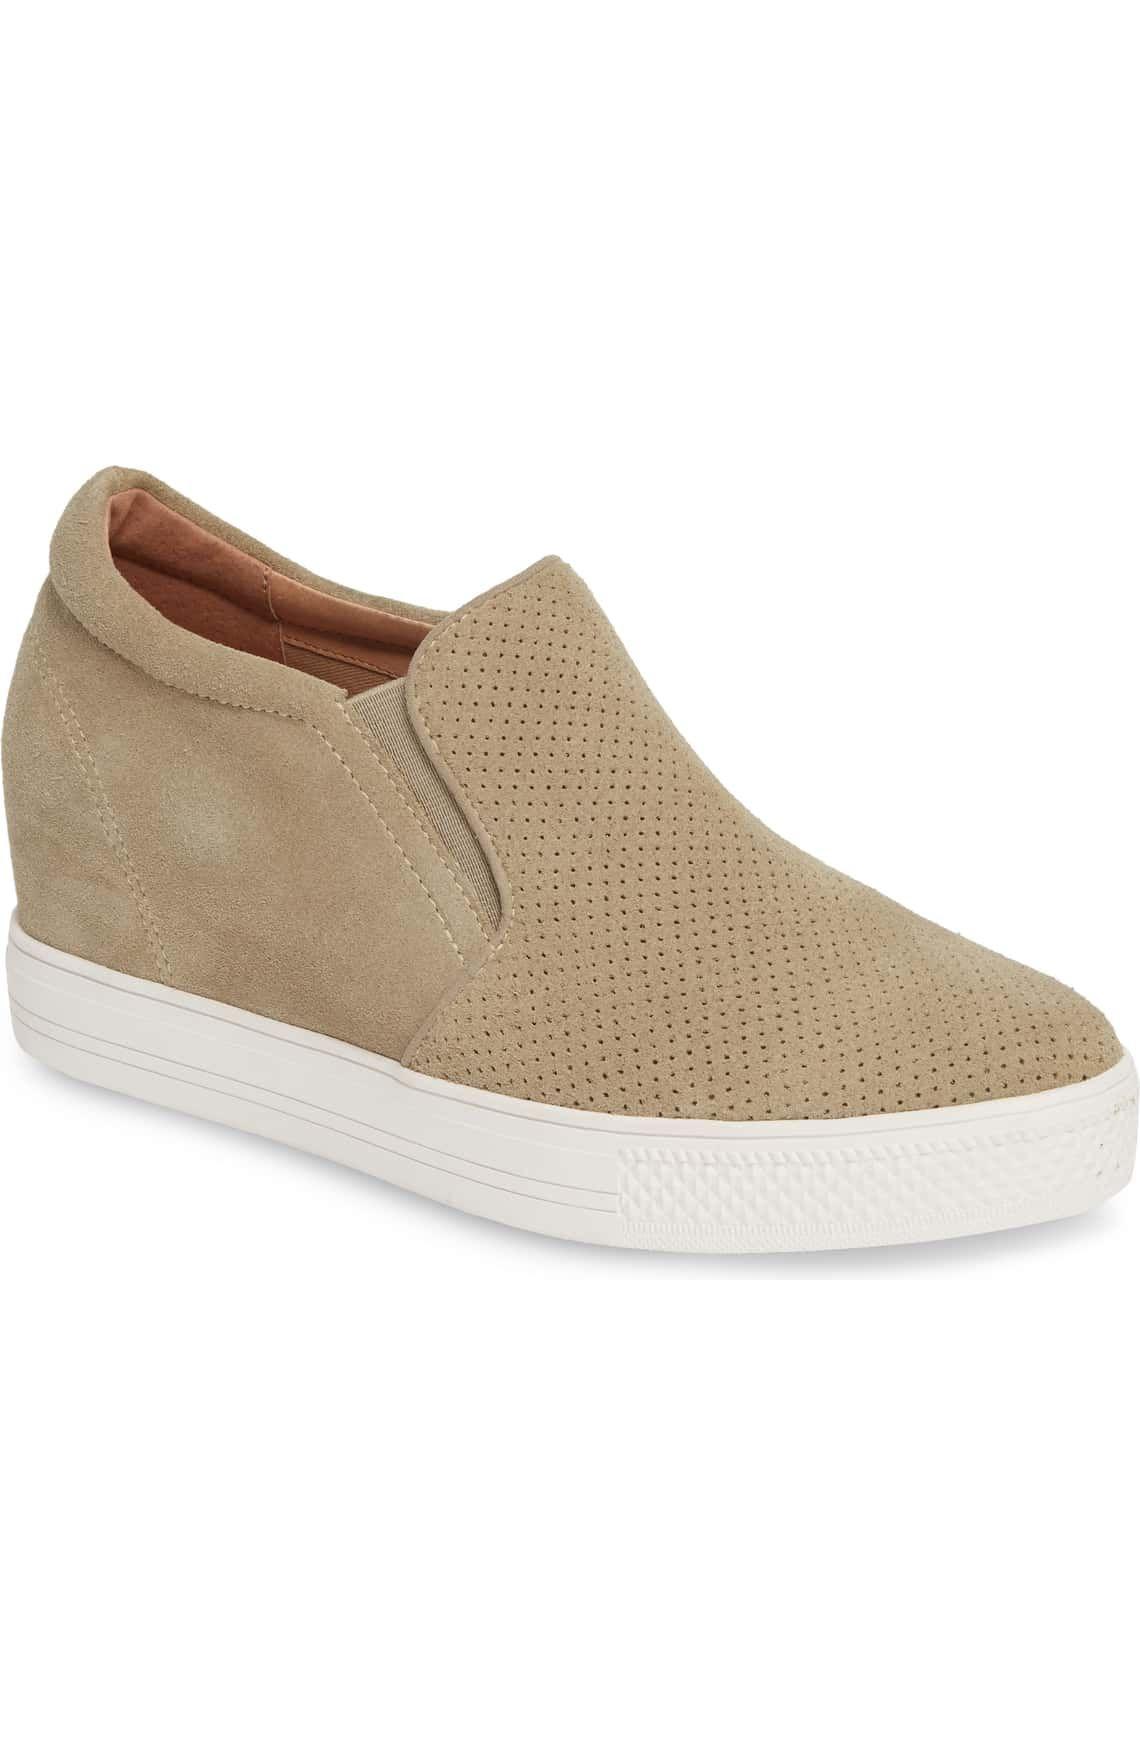 Caslon Allie Wedge Sneaker (Women